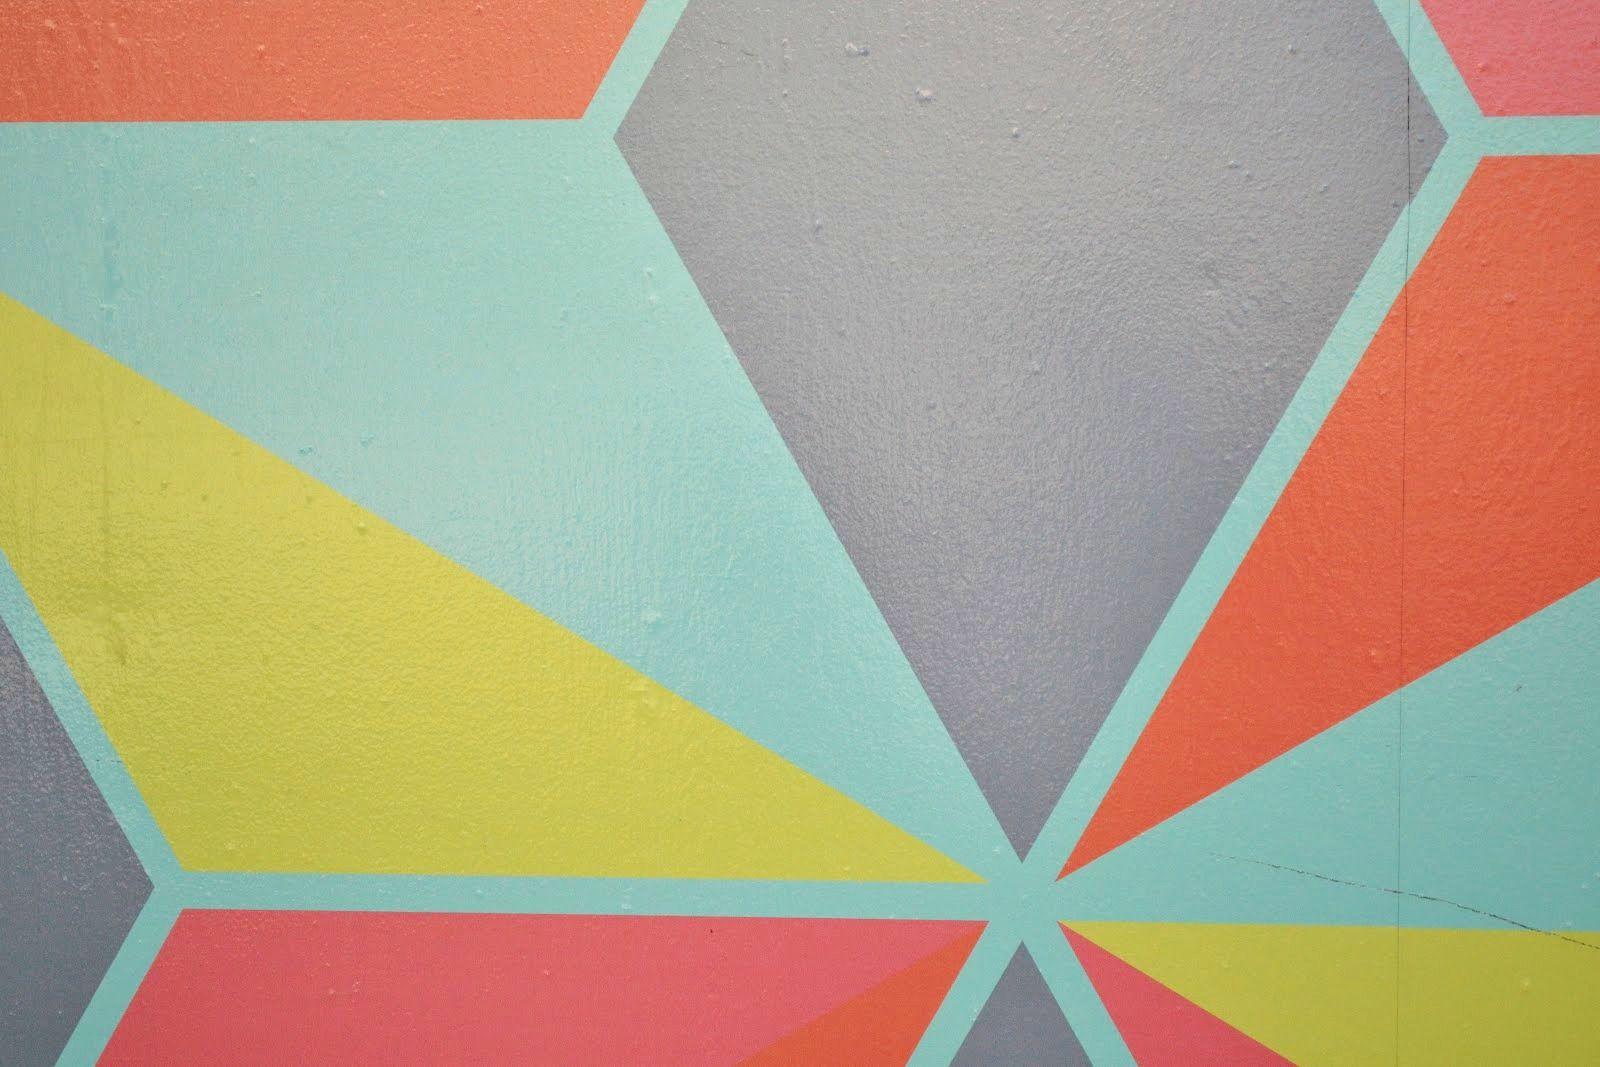 Tendenza casa: dipingere le pareti con grandi macchie di colore